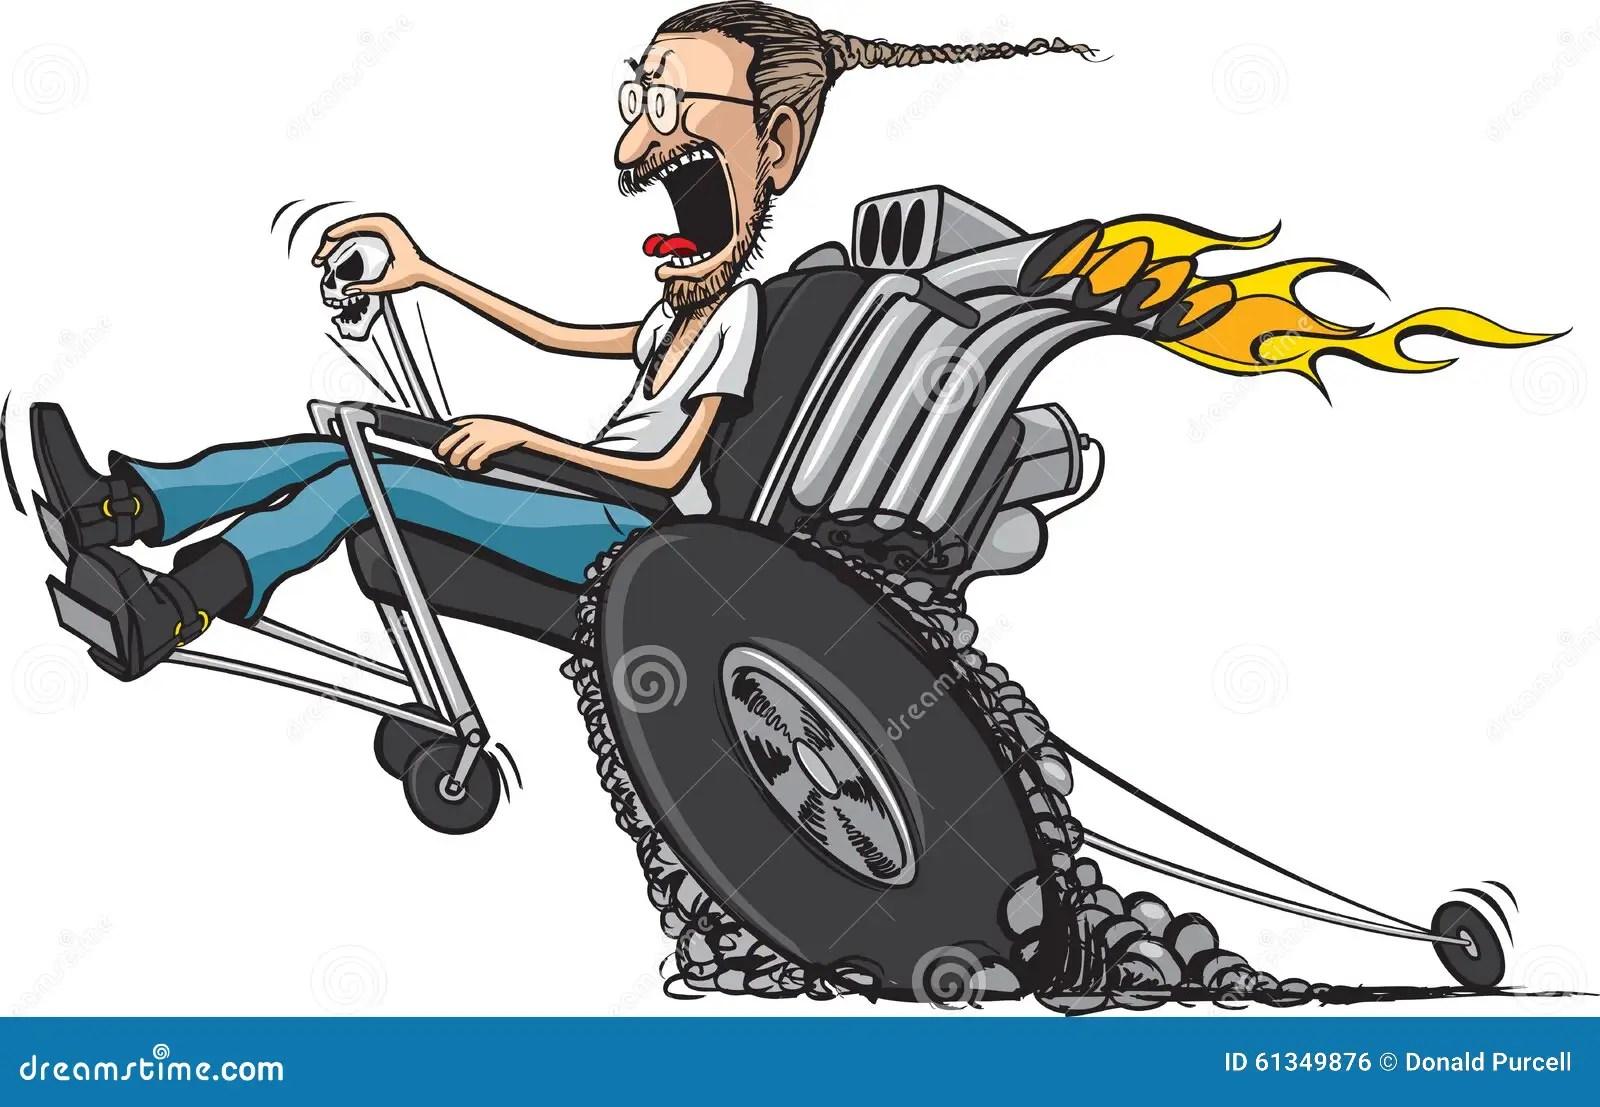 wheelchair hot wheels beach chairs and umbrella racing cartoon man vector